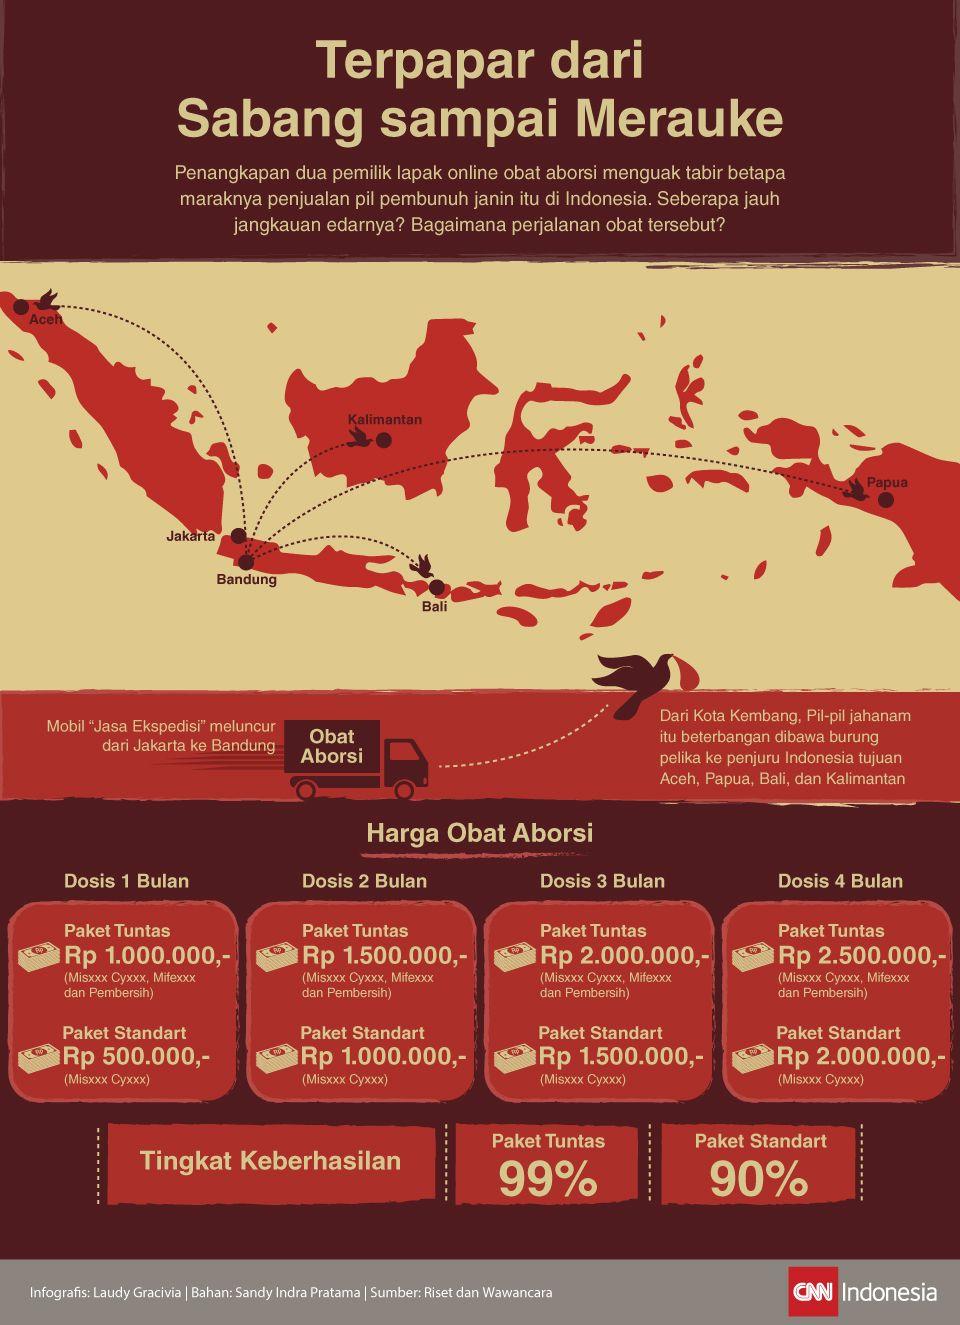 Infografis Terpapar dari Sabang sampai Merauke